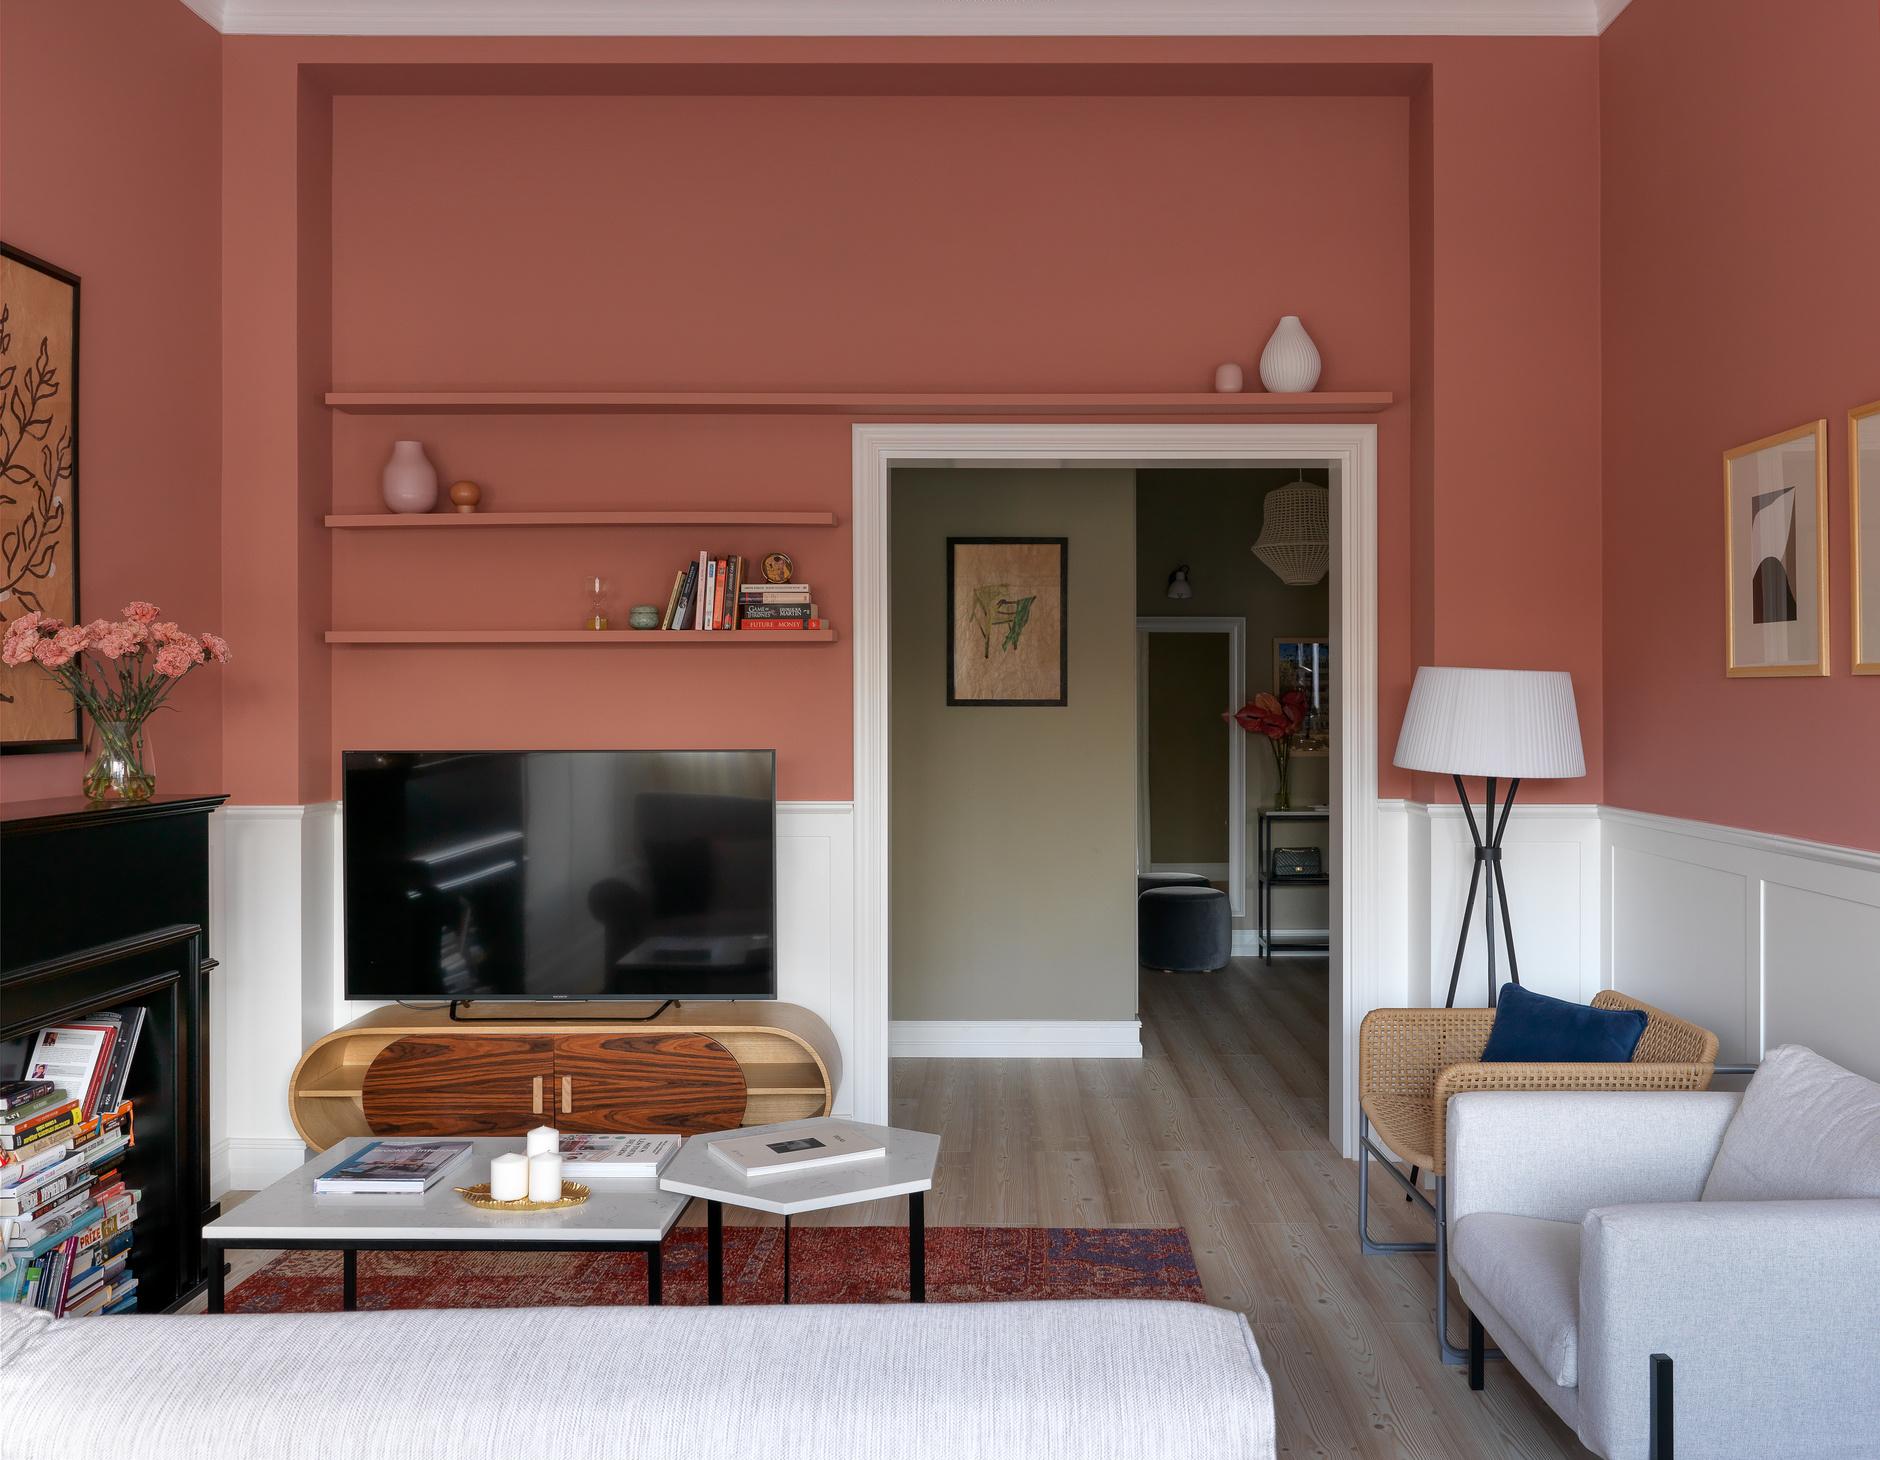 Терапия цветом: 40 проектов ярких гостиных (галерея 1, фото 1)